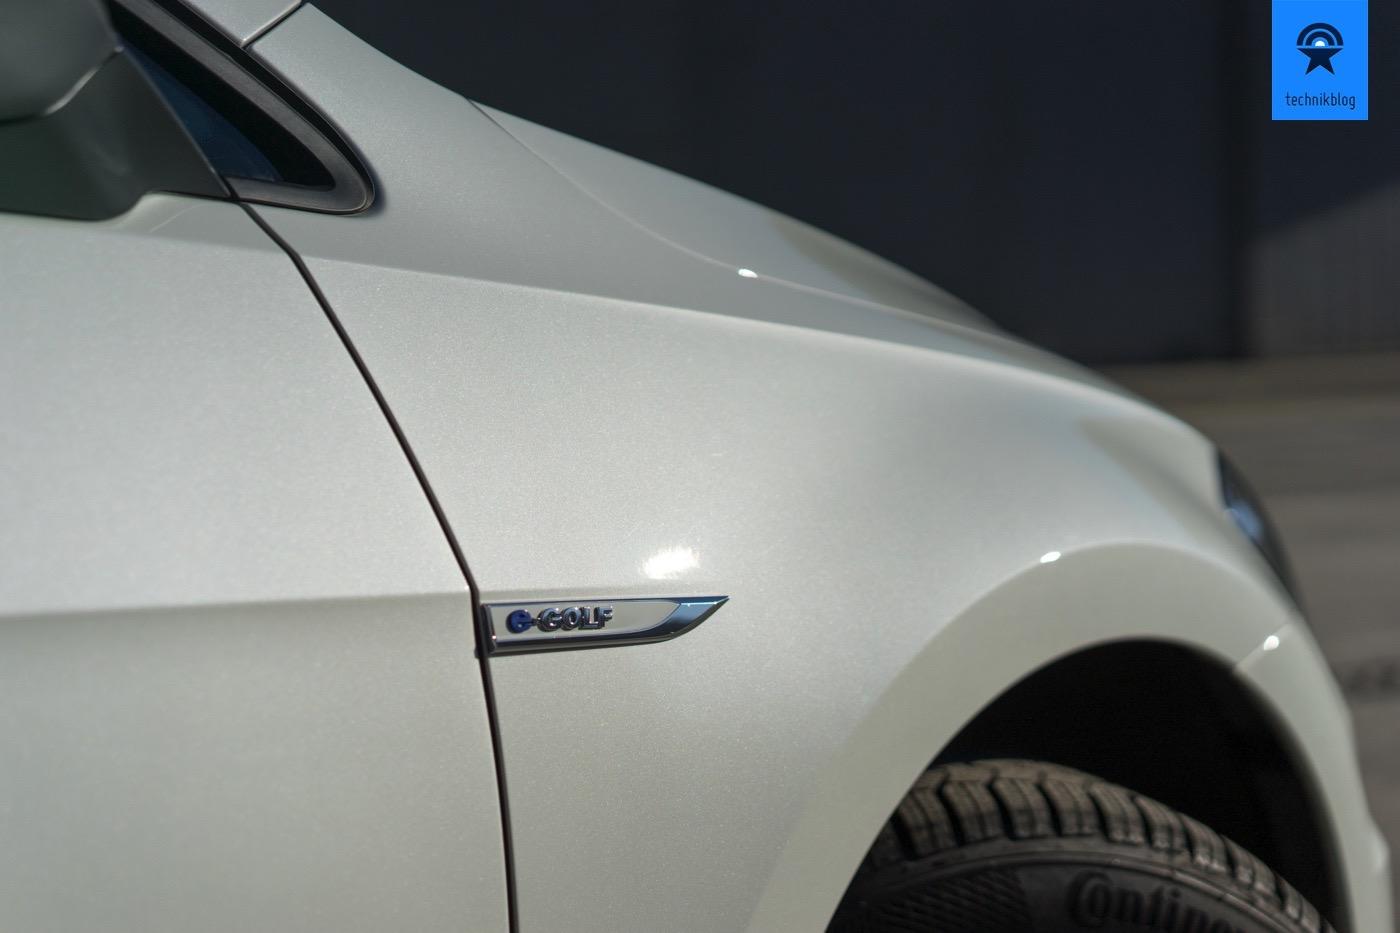 Äusserlich weisen nur Kleinigkeiten auf den Elektromotor im Golf-Chassis hin